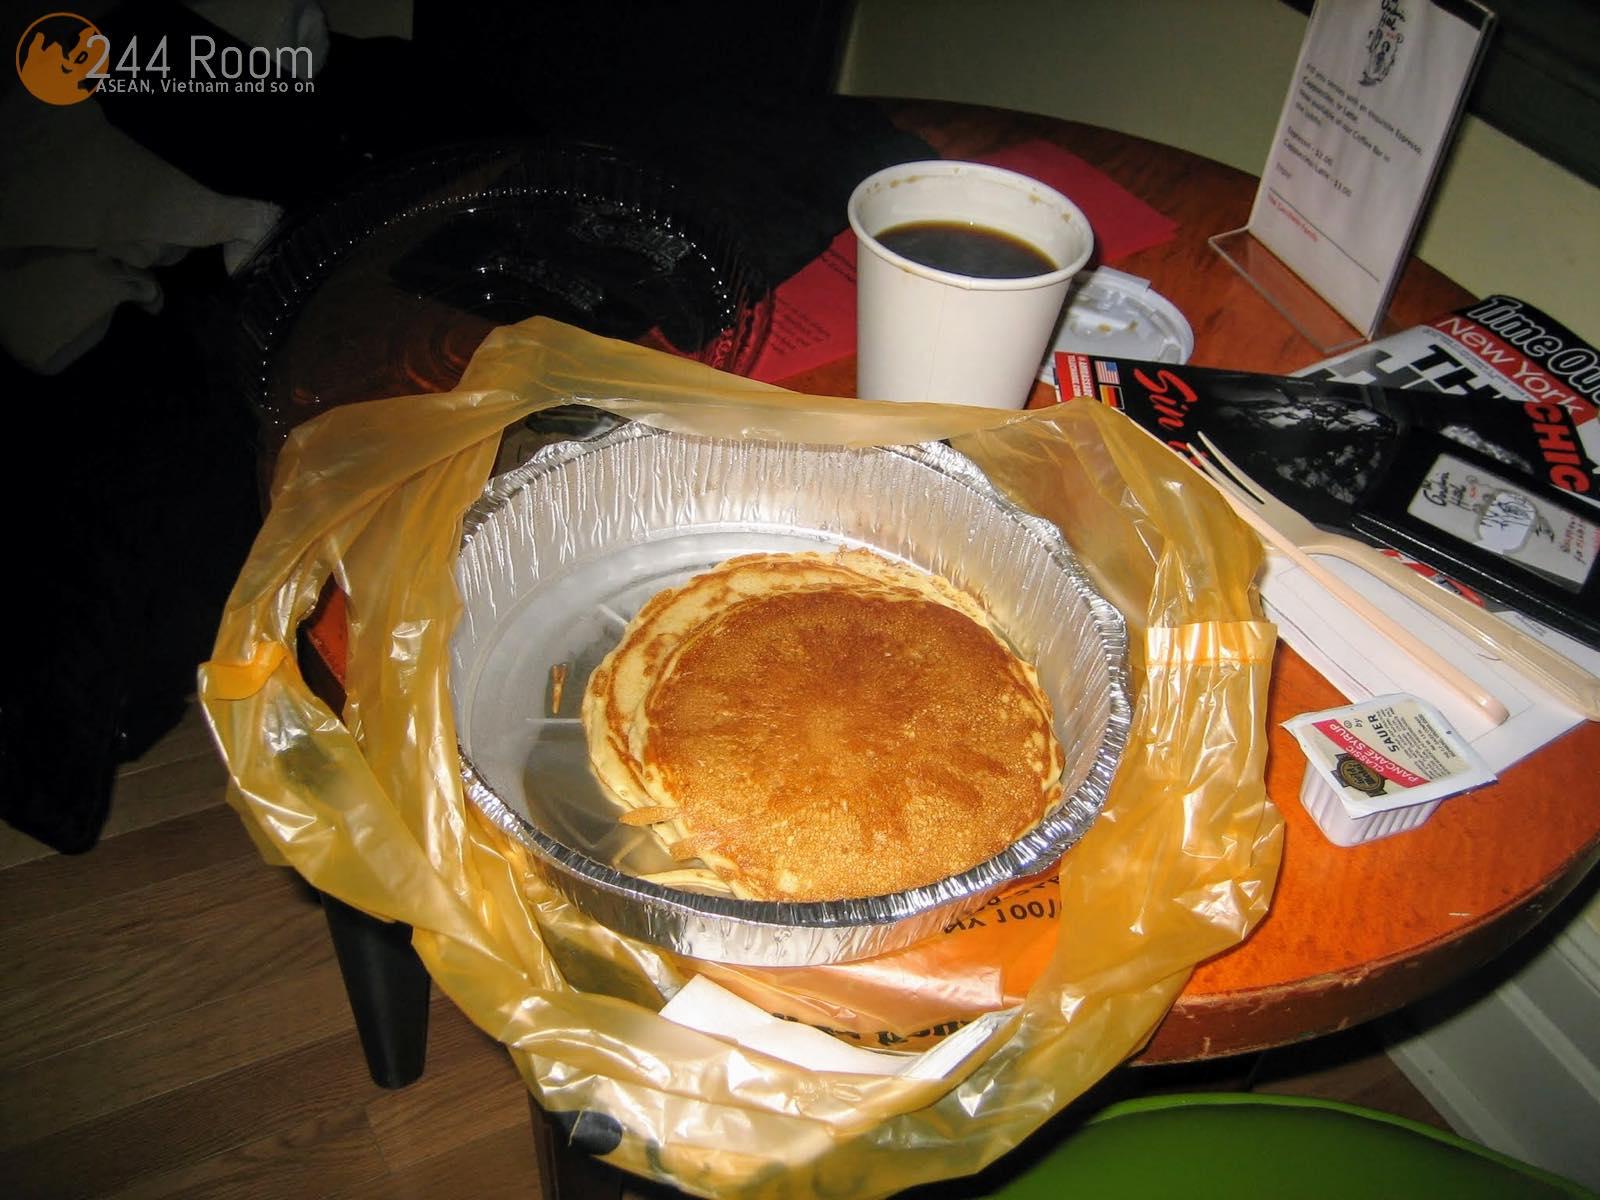 ニューヨークのパンケーキとコーヒー Pancake and coffee in NY2